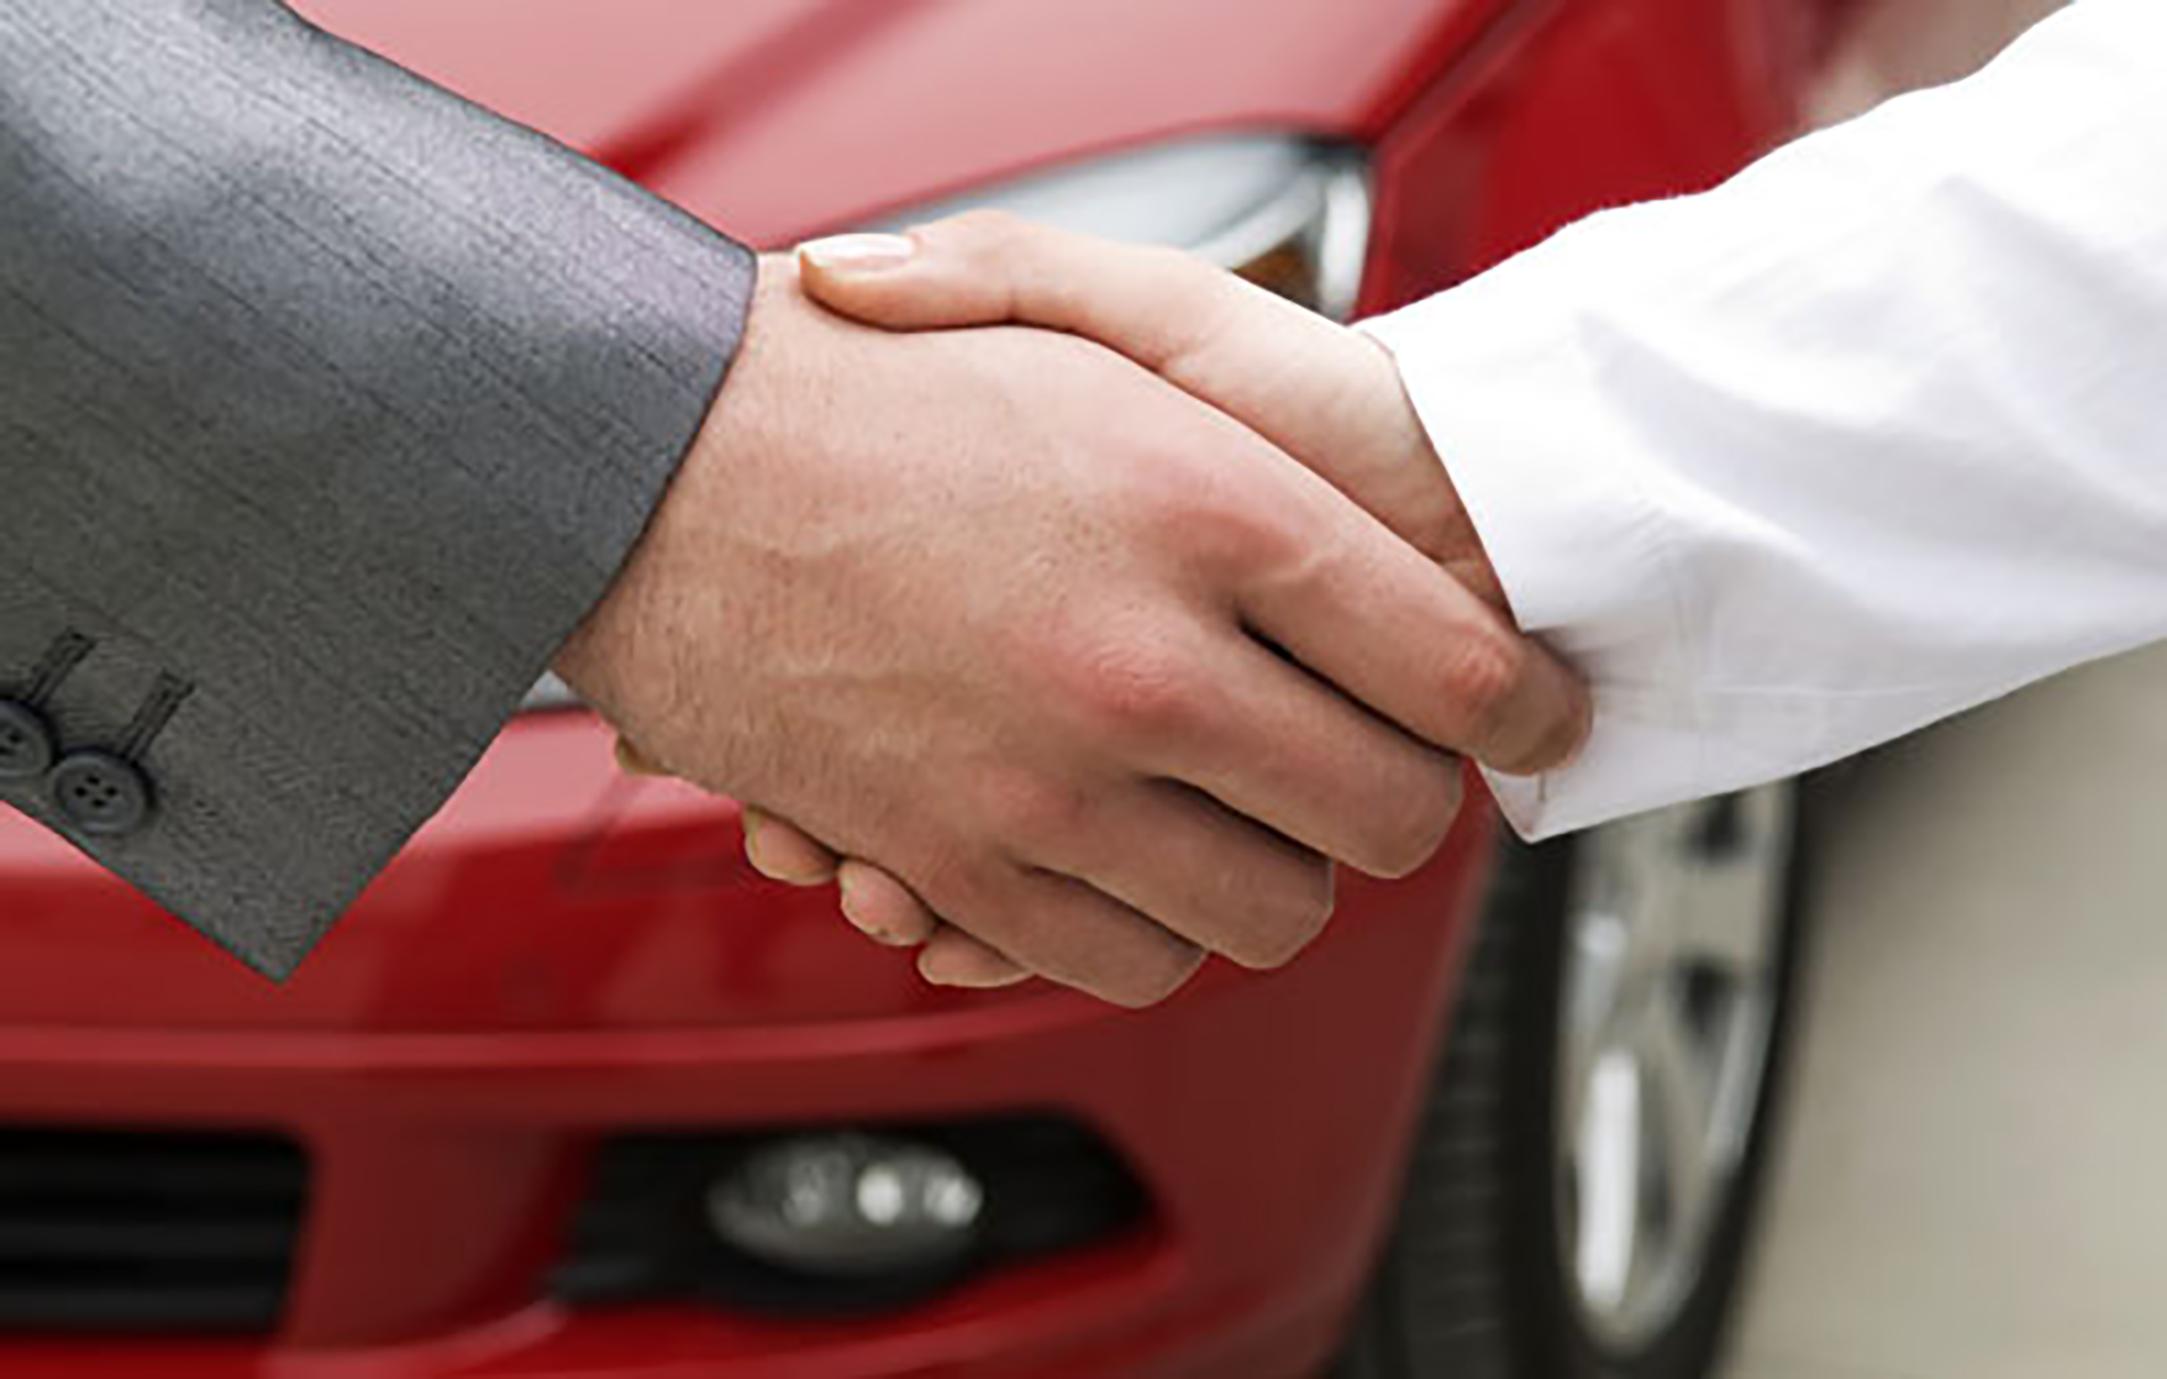 Продажа машины по наследству: как реализовать доставшееся авто, как оформить полученное тс, если более двух владельцев долей, можно ли до вступления в права?